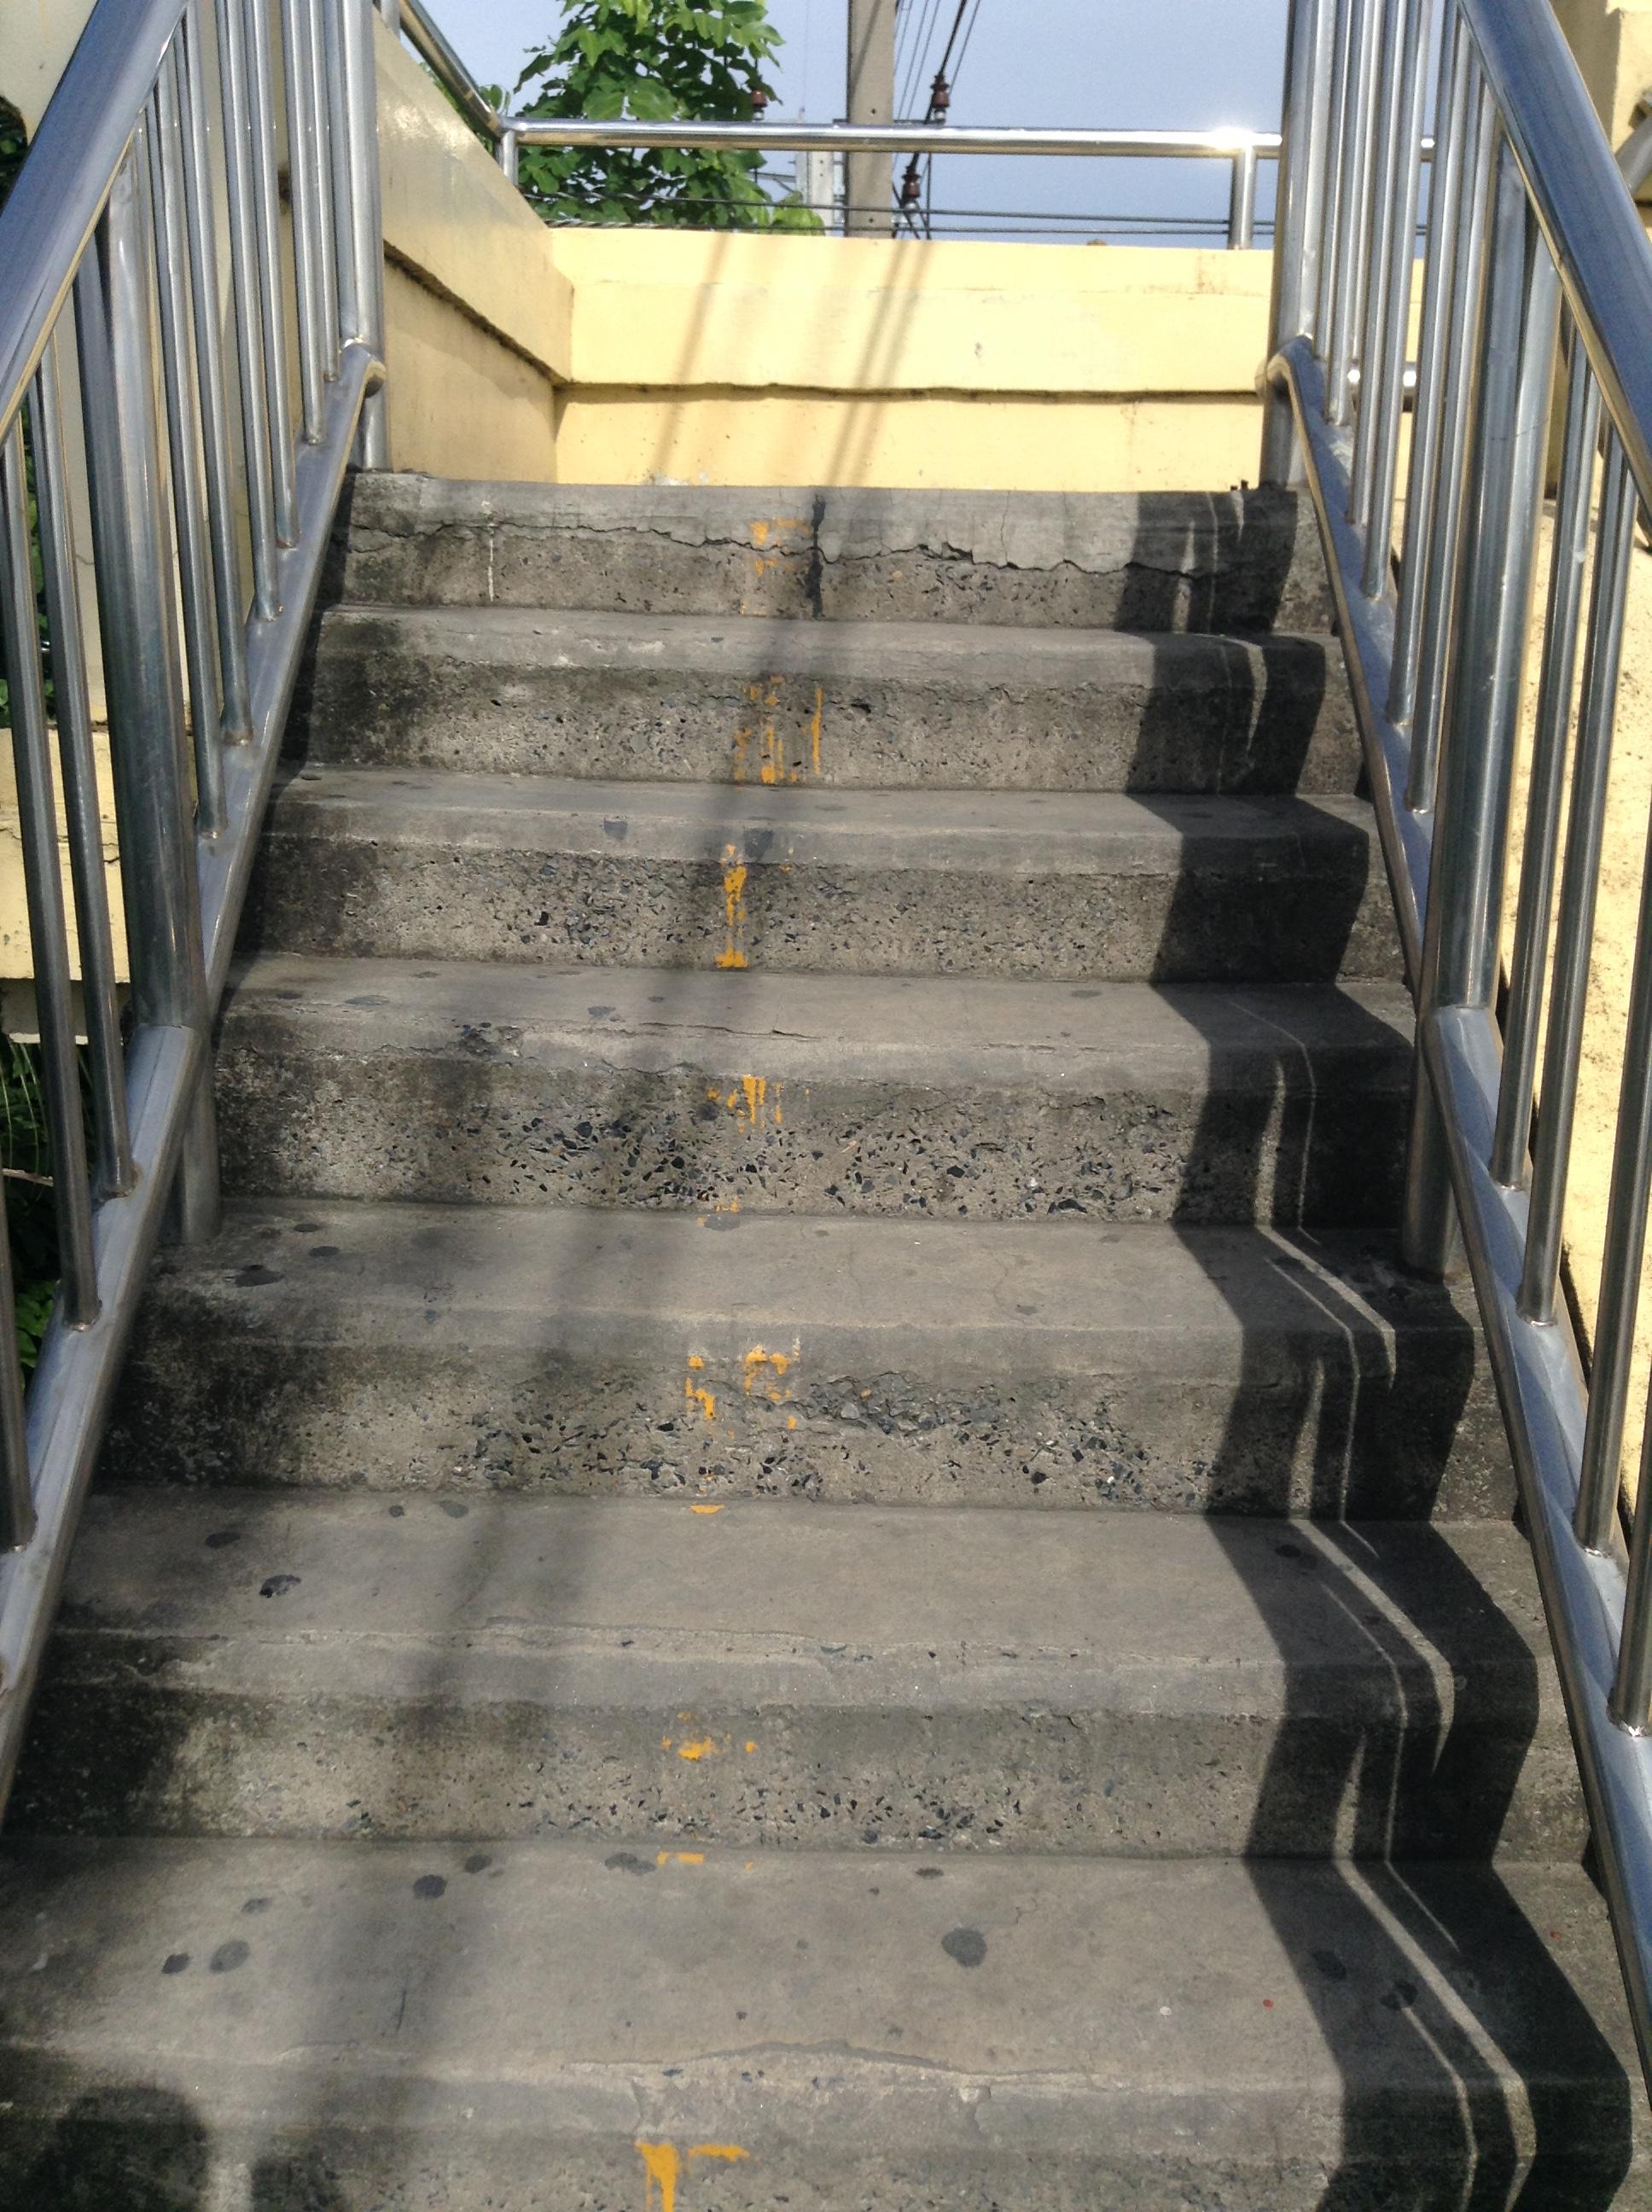 タイの階段の踏み面が狭いのはどういうことか?